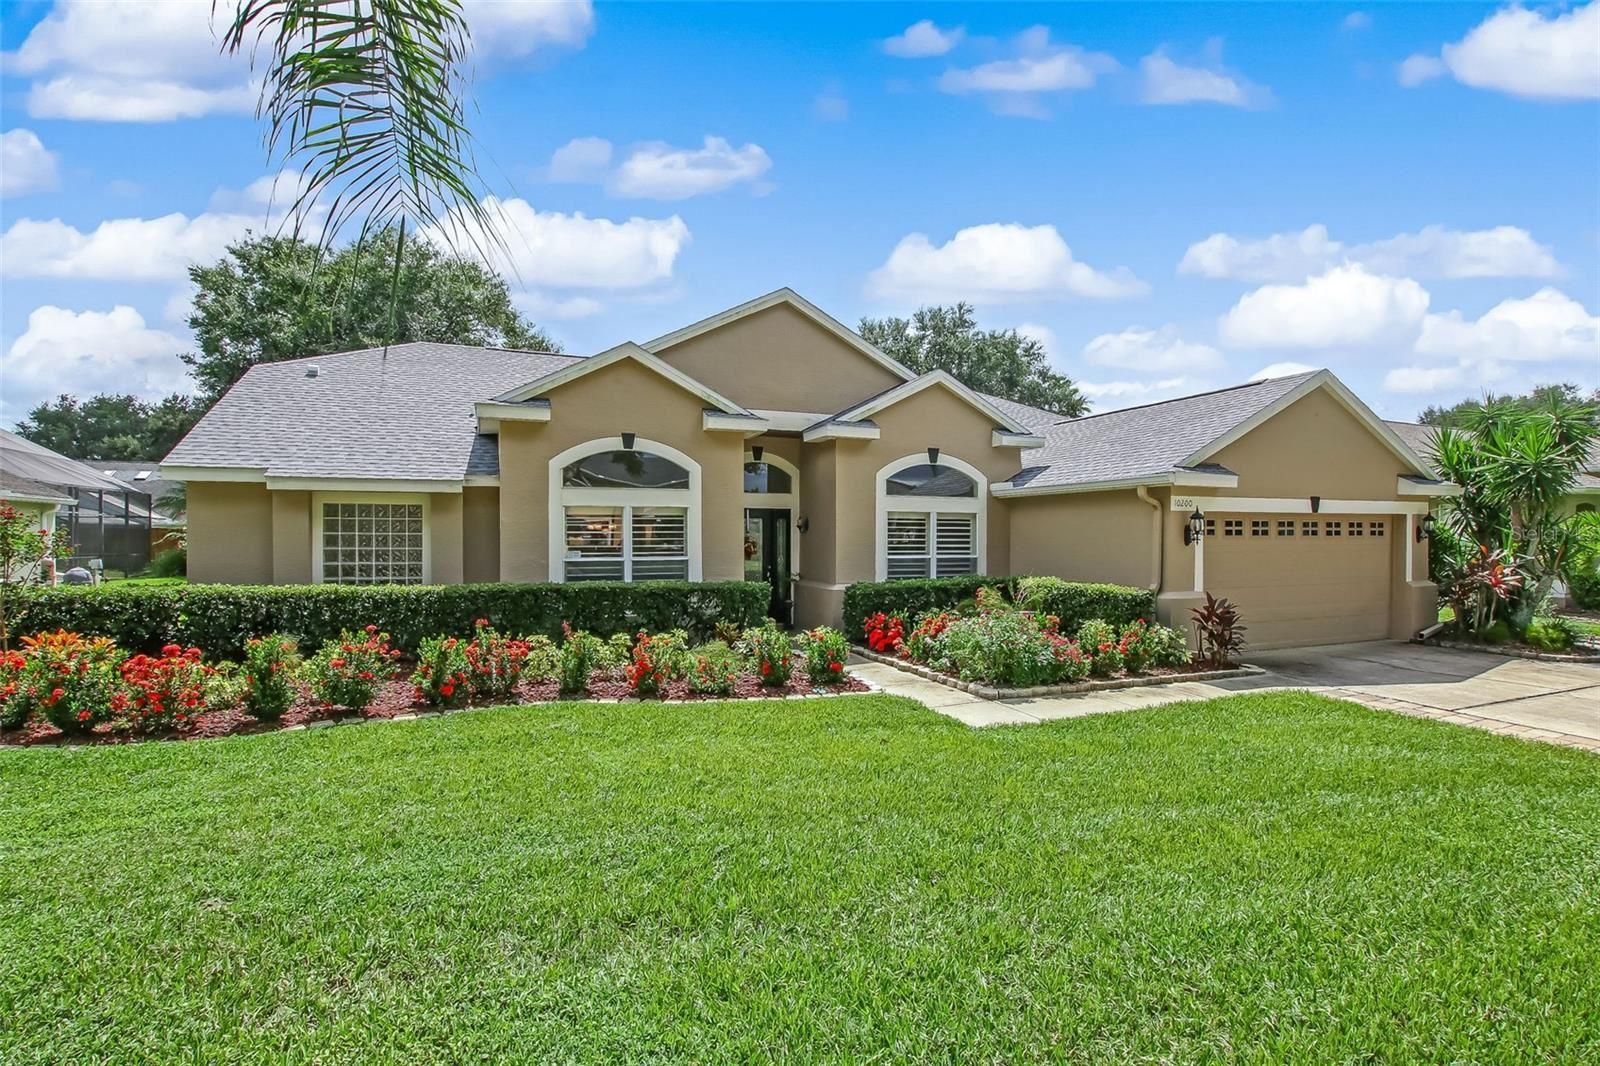 10200 POINTVIEW COURT, Orlando, FL 32836 - #: O5973688